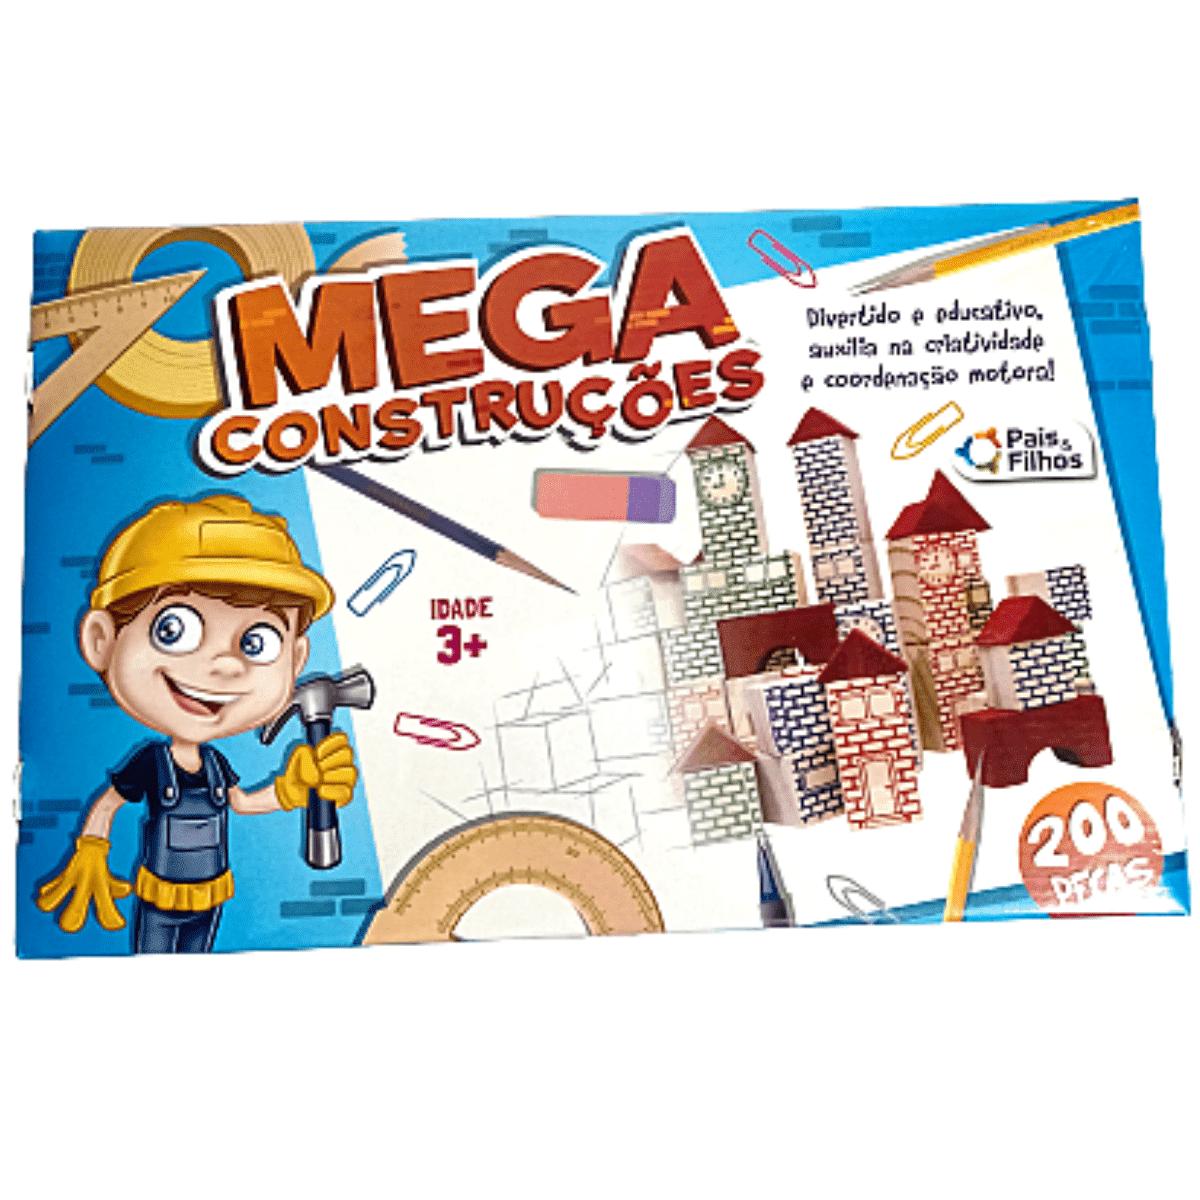 Jogo Mega Construções 200 peças Madeira - Pais e Filhos